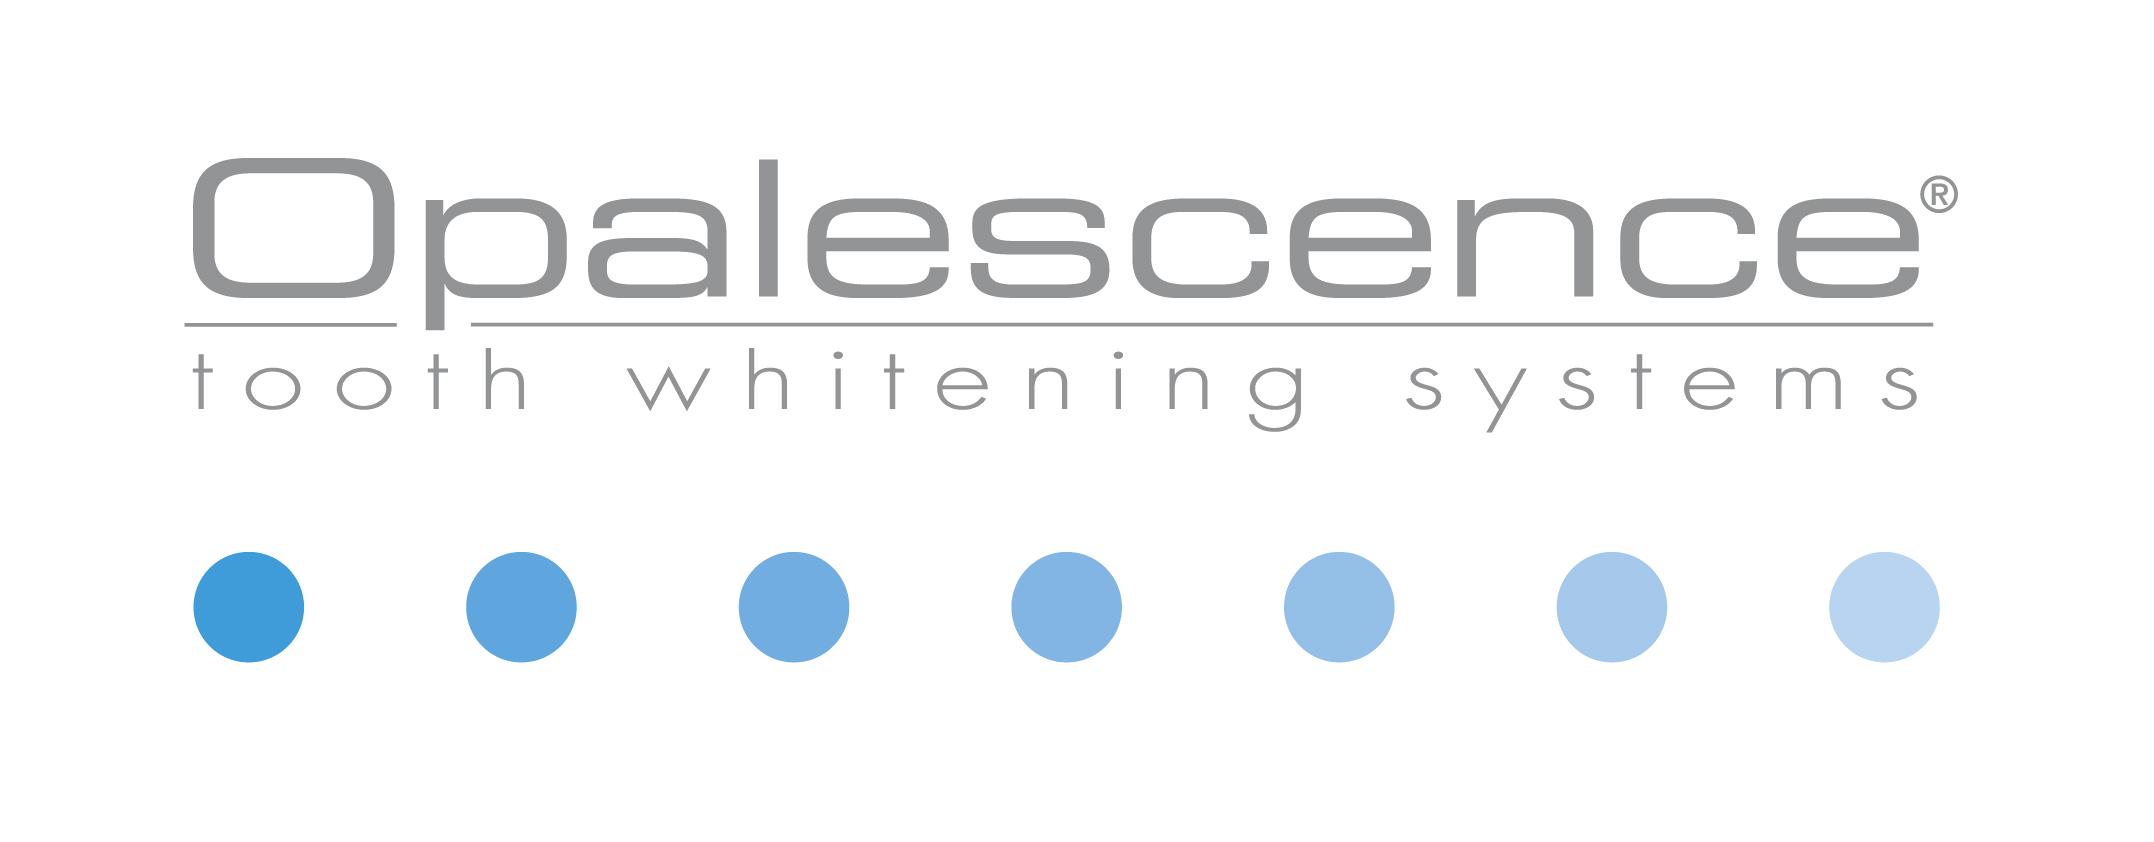 opalescence_logo1